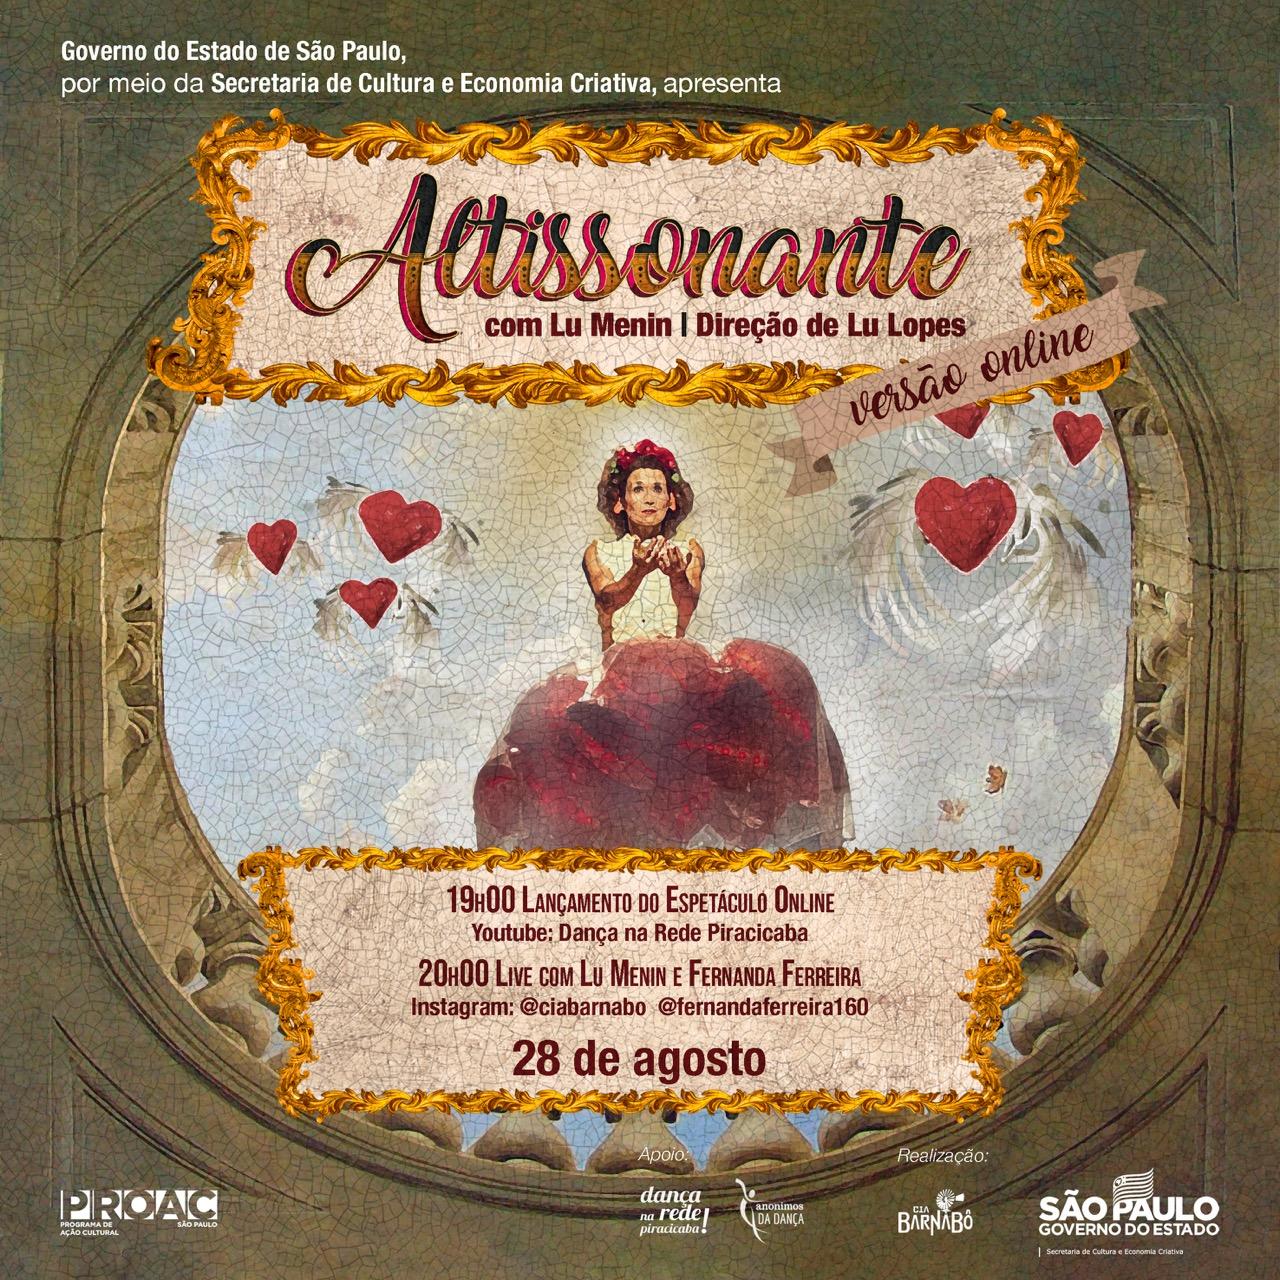 Altissonante! Espetáculo circense online e live com Fernanda Ferreira são atrações desta sexta-feira, em Piracicaba!